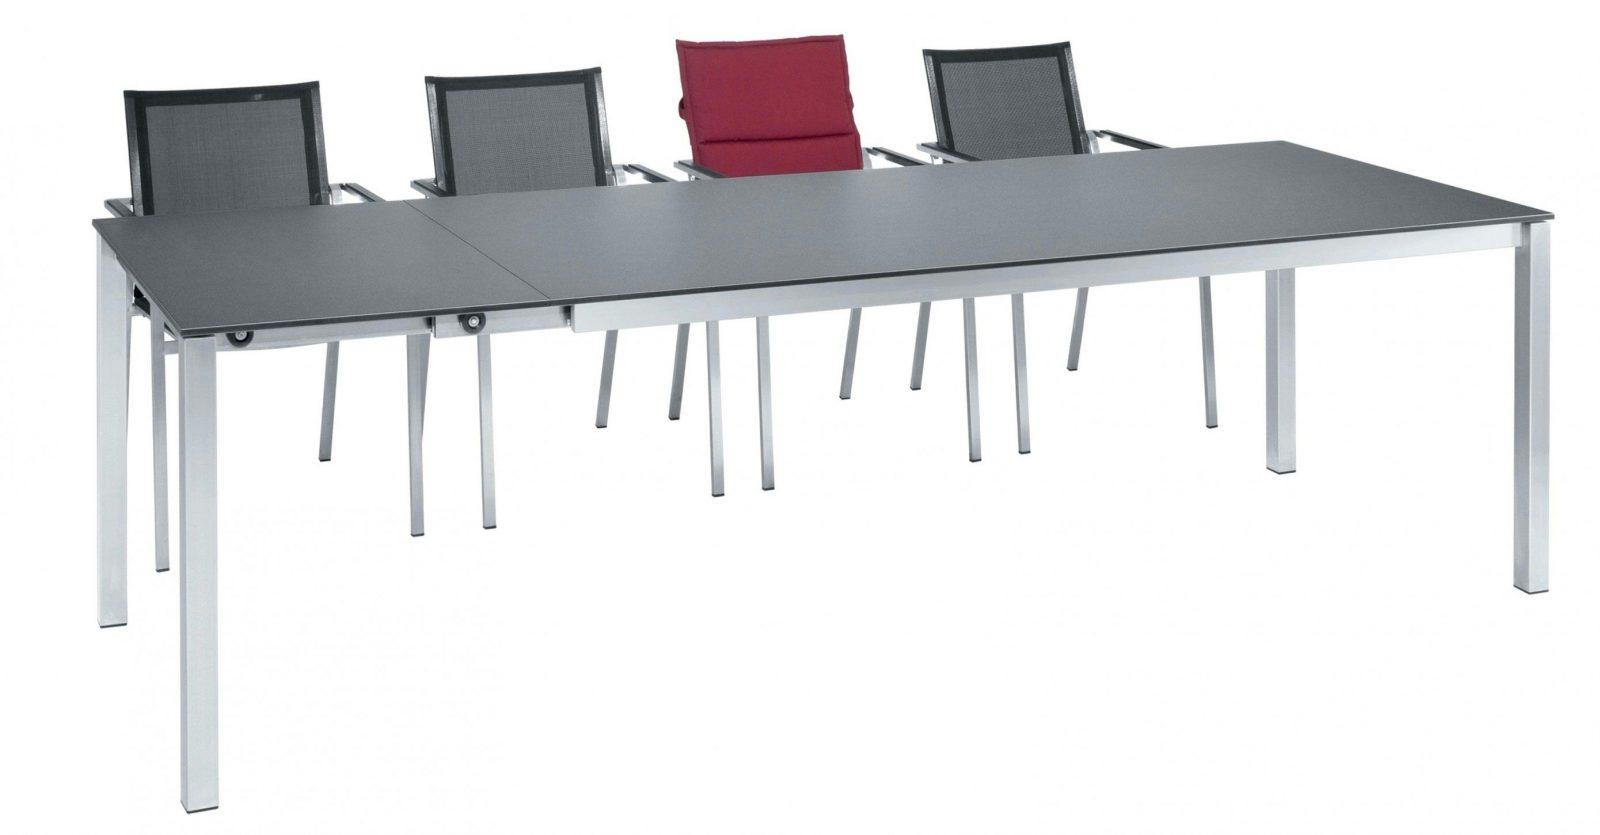 Oben Runder Tisch Ausziehbar Gebraucht Gartentisch Klappbar Aus Zum von Gartentisch Holz Ausziehbar Günstig Photo